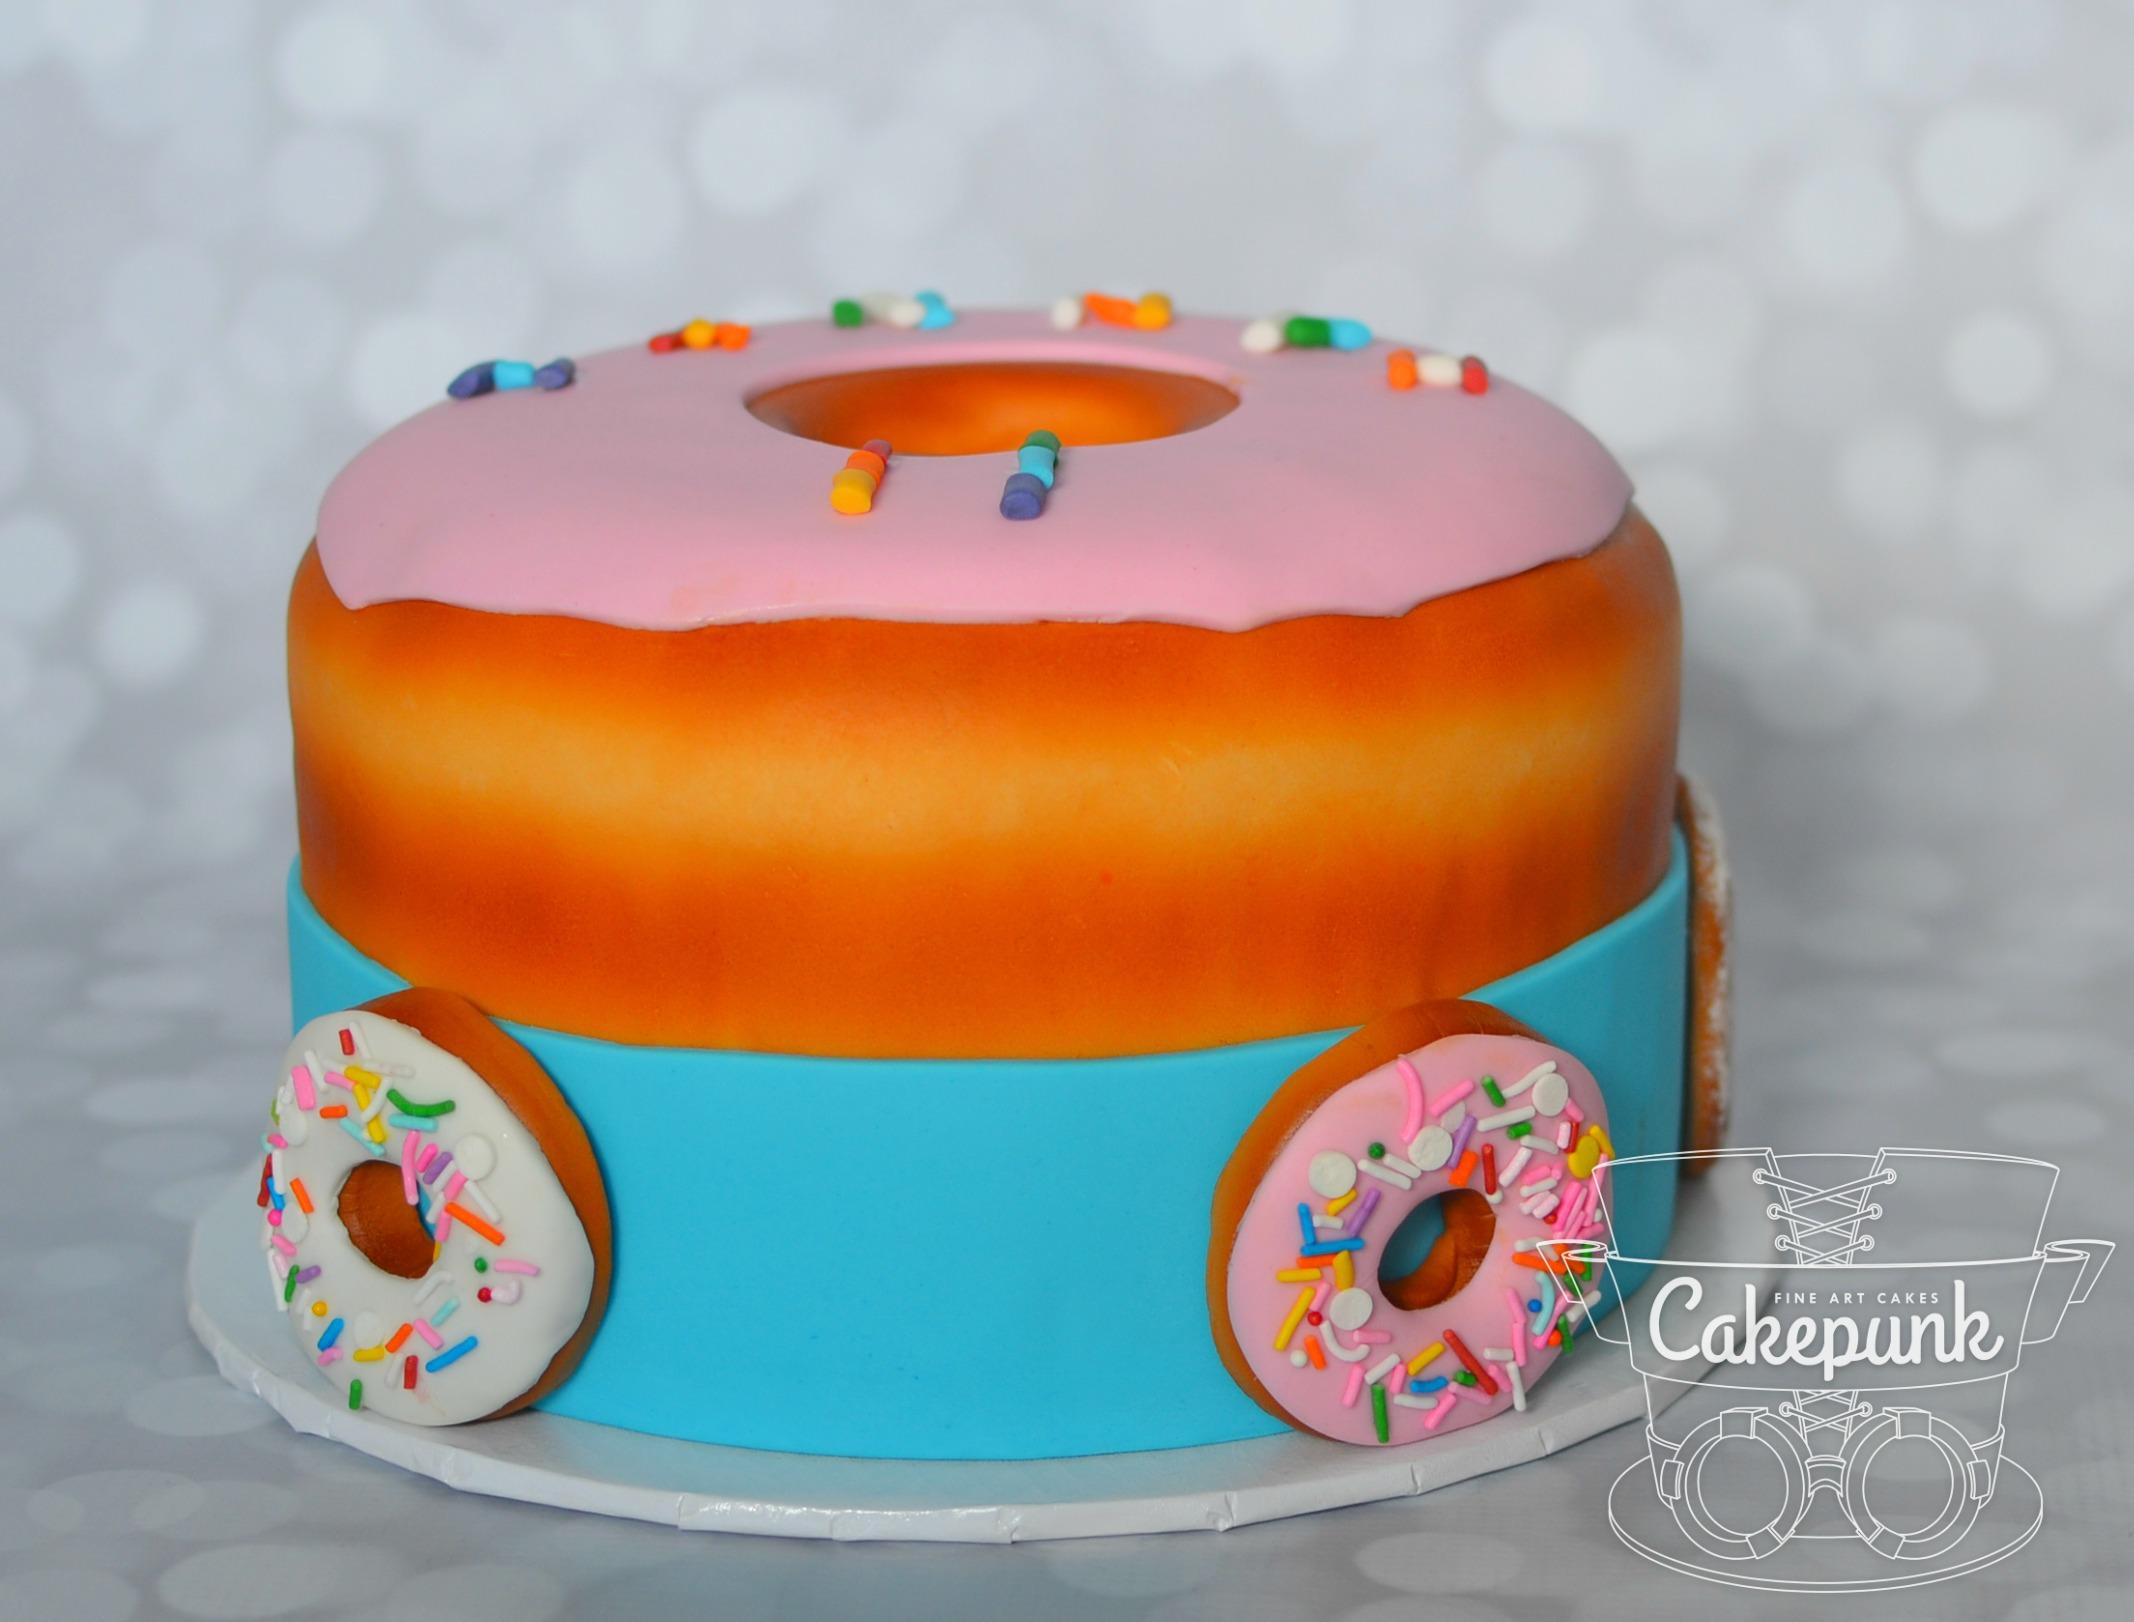 Donut You Know It's My Birthday?